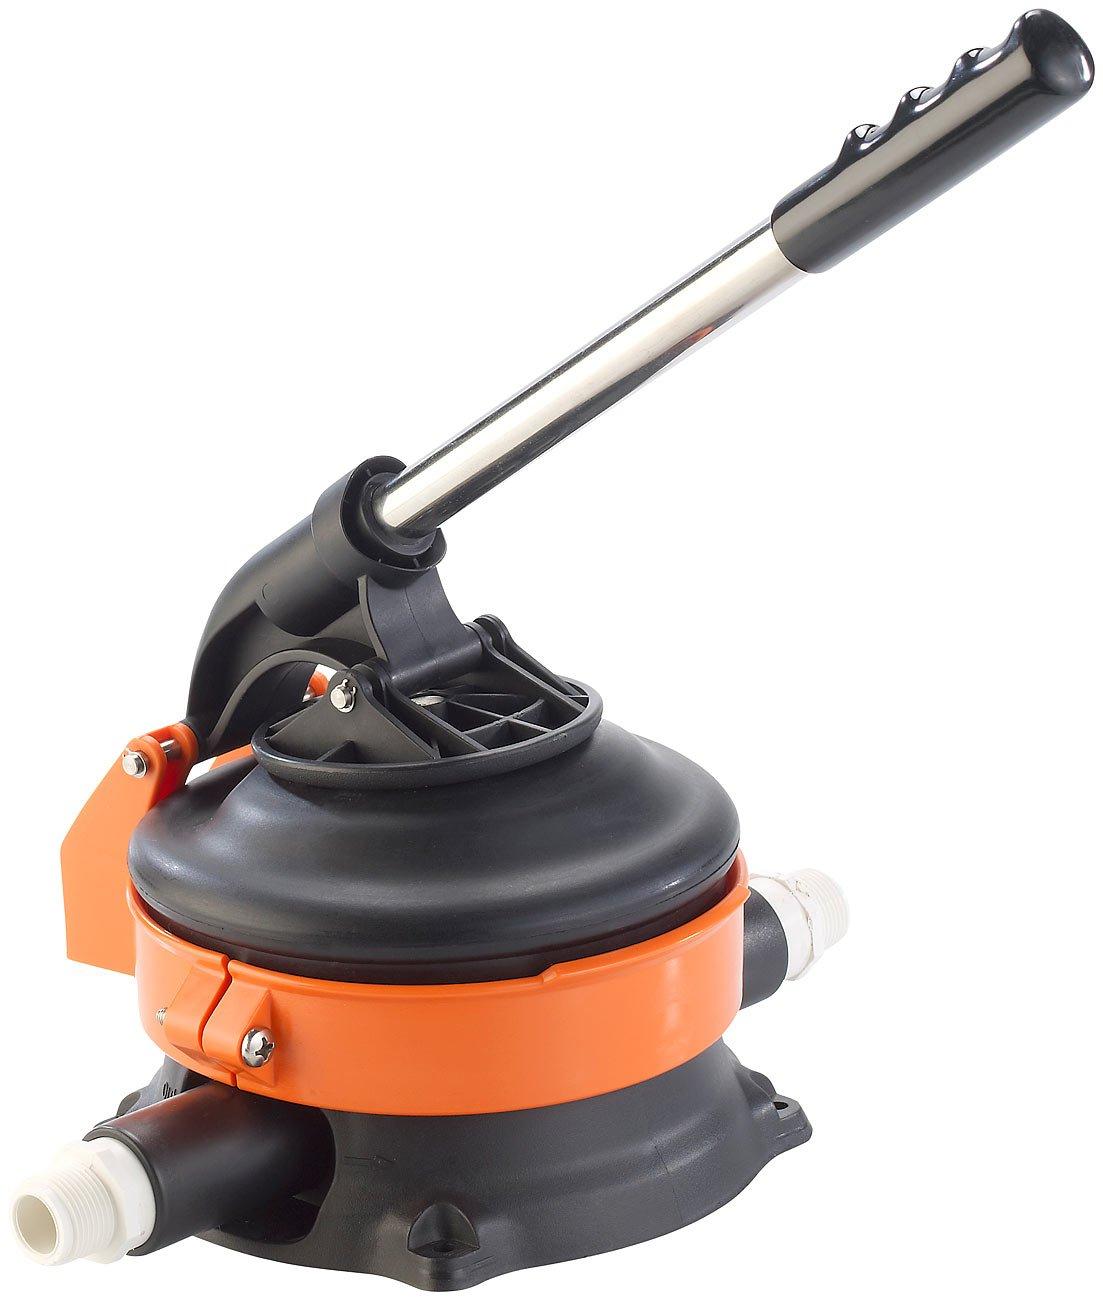 AGT Wasserhandpumpe mit rostfreiem Stahlhebel - AGT Handwasserpumpe